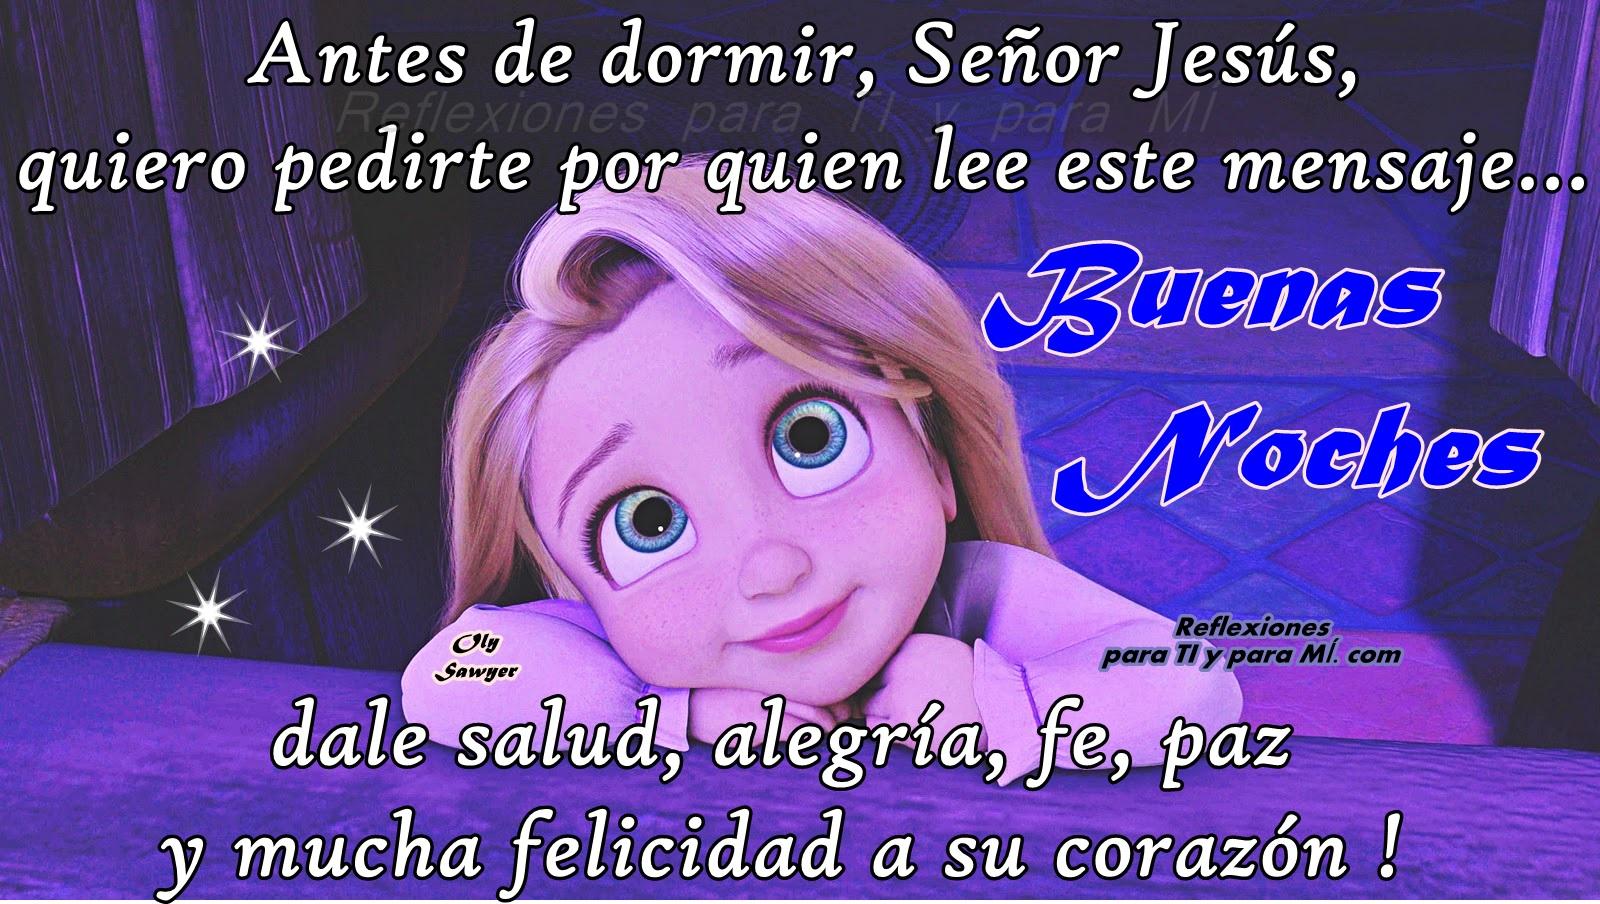 Buenos Deseos para TI y para MÍ: * Antes de dormir, Señor Jesús